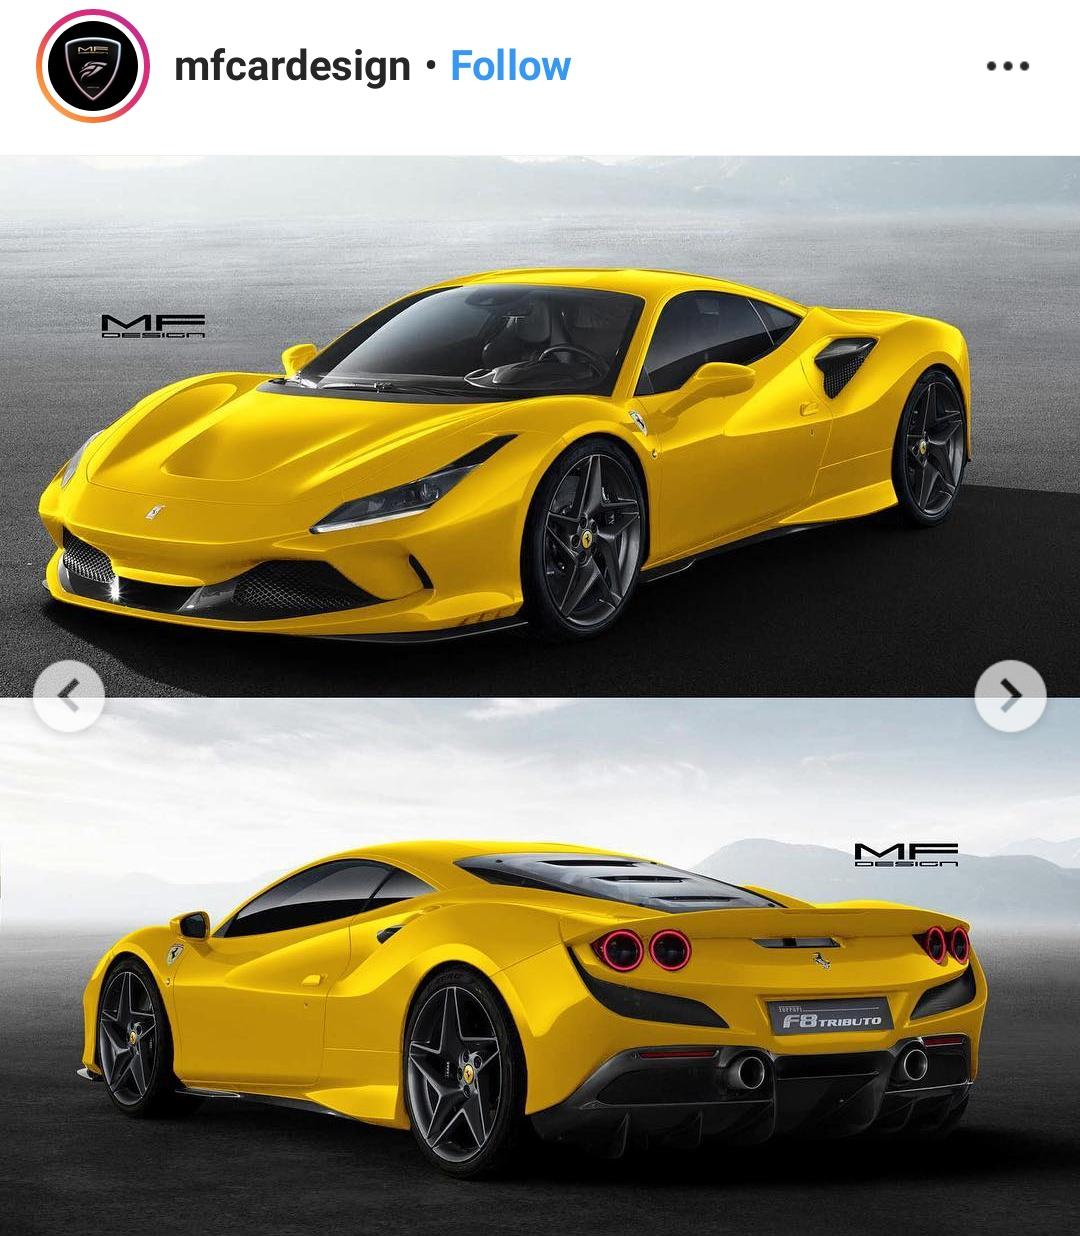 Immagini F8 Tributo Ferrari: [情報] 新Ferrari F8 Tributo 720匹 2.9秒 (488)